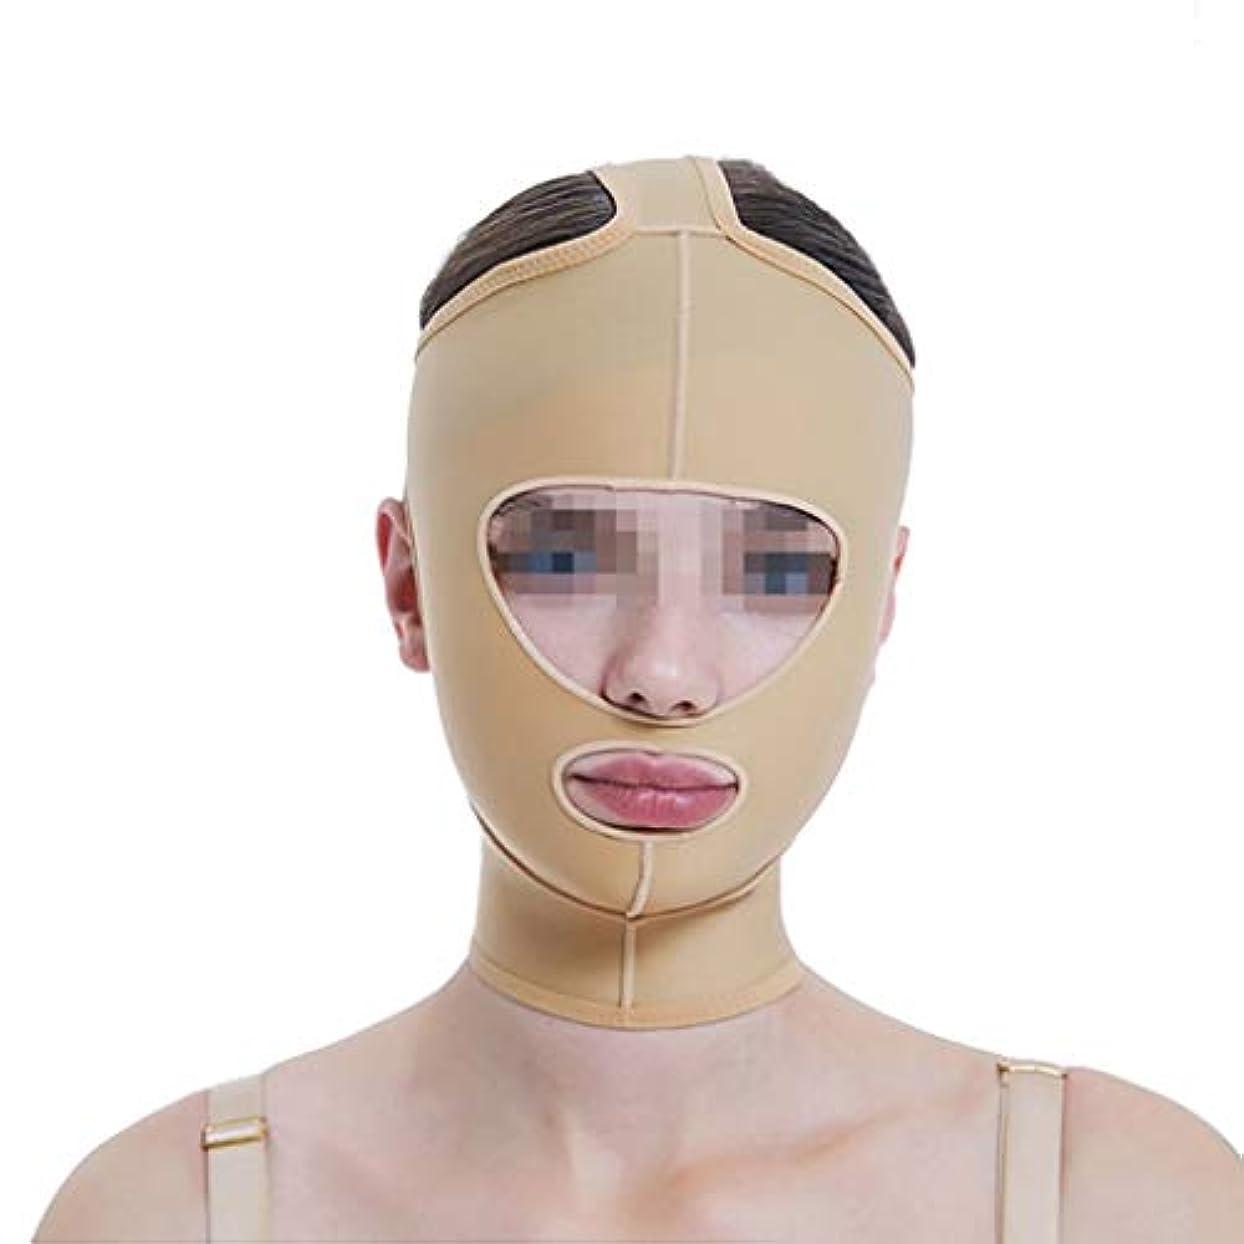 形容詞機関才能のあるフェイスリフトマスク、ラインカービングフェイスエラスティックセットシンダブルチンVフェイスビーム、マルチサイズオプション (Size : L)